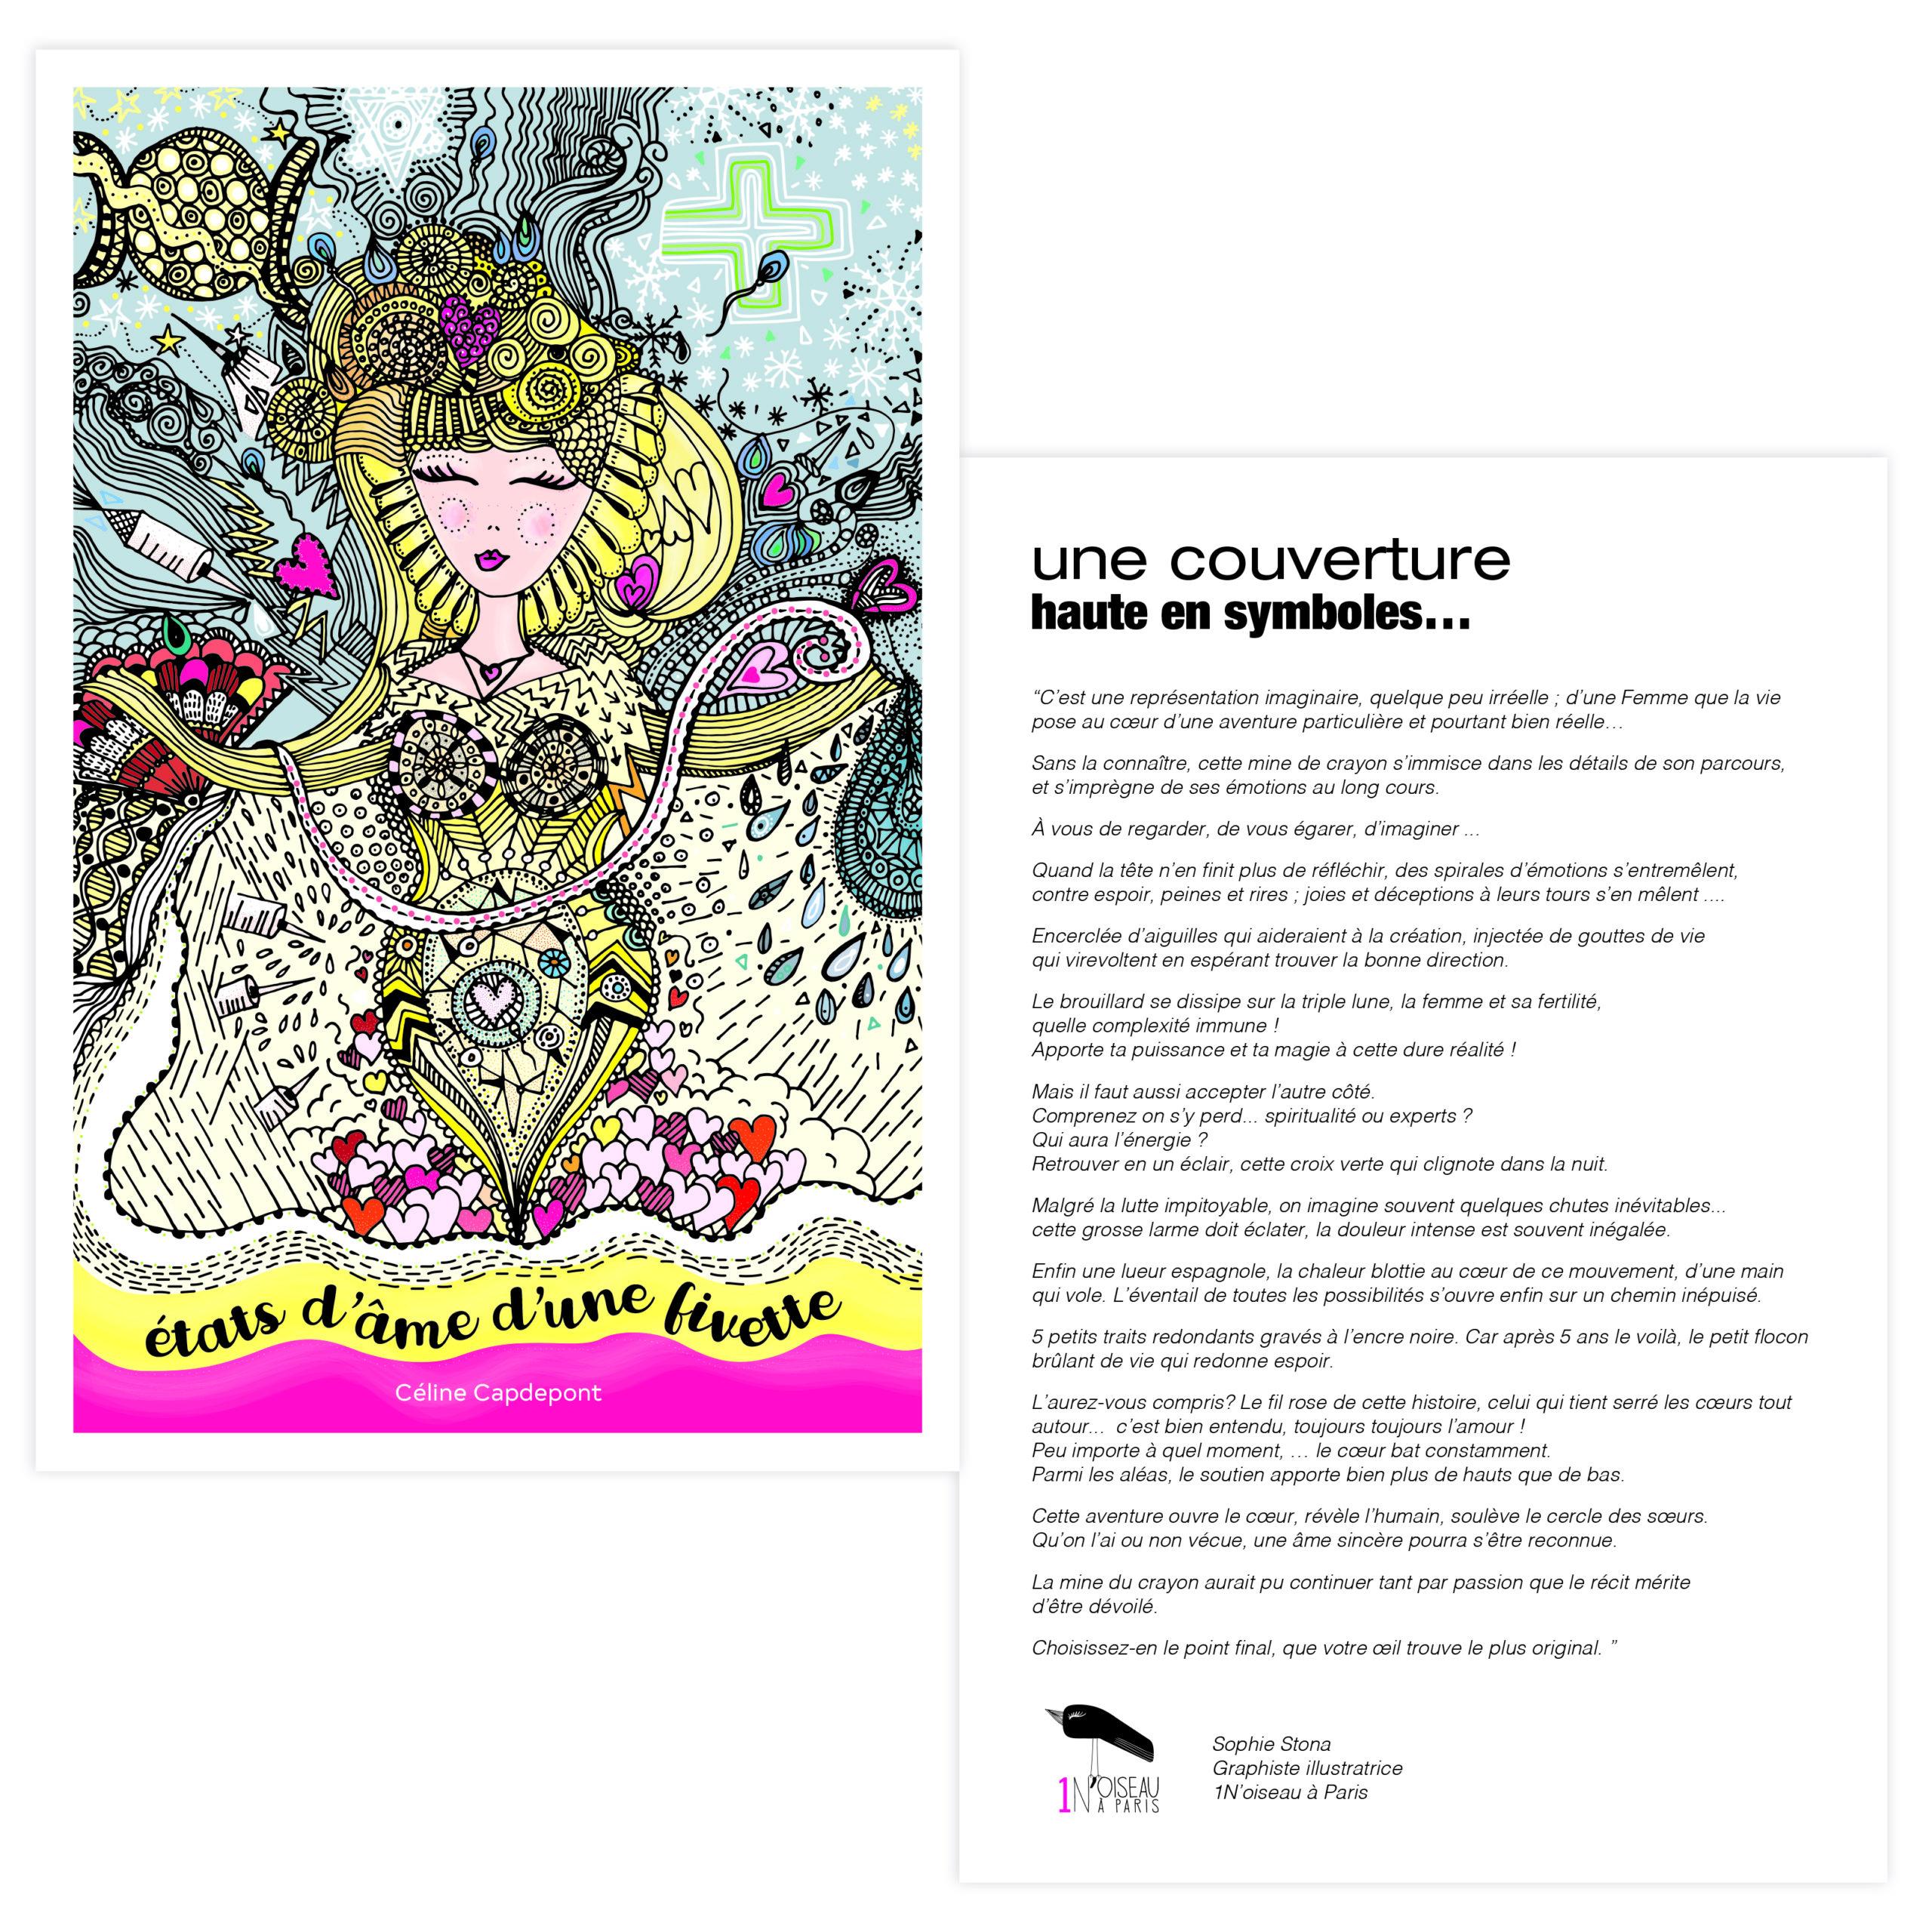 ILLUSTRATION-LIVRE-couverture - 1 Noiseau à Paris - Graphiste illustratrice Webdesigner Val de Marne